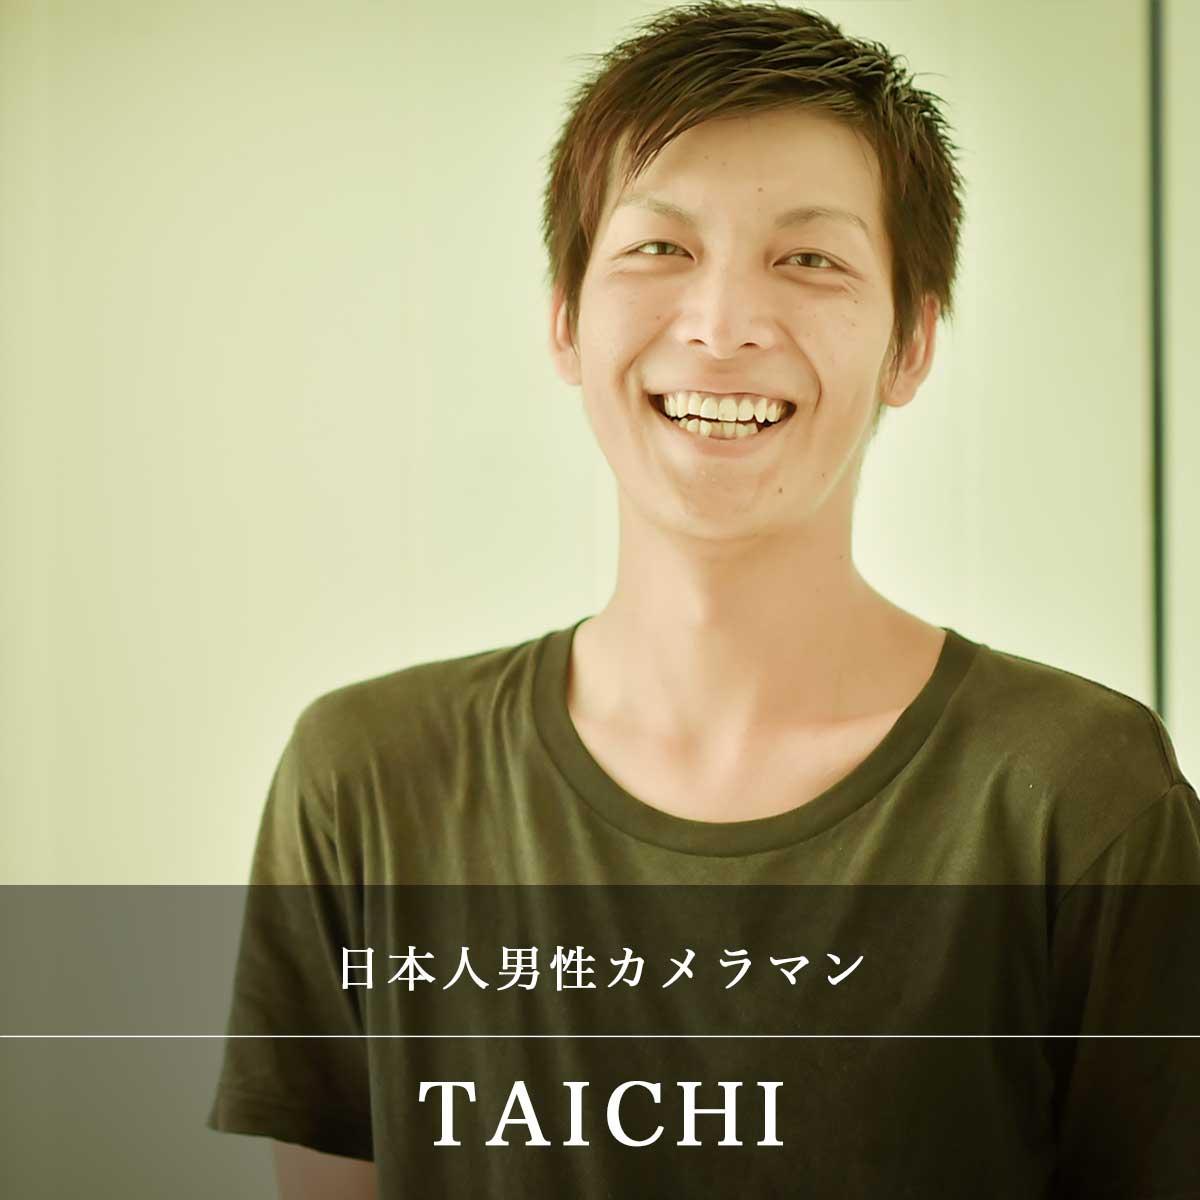 taichi-sq